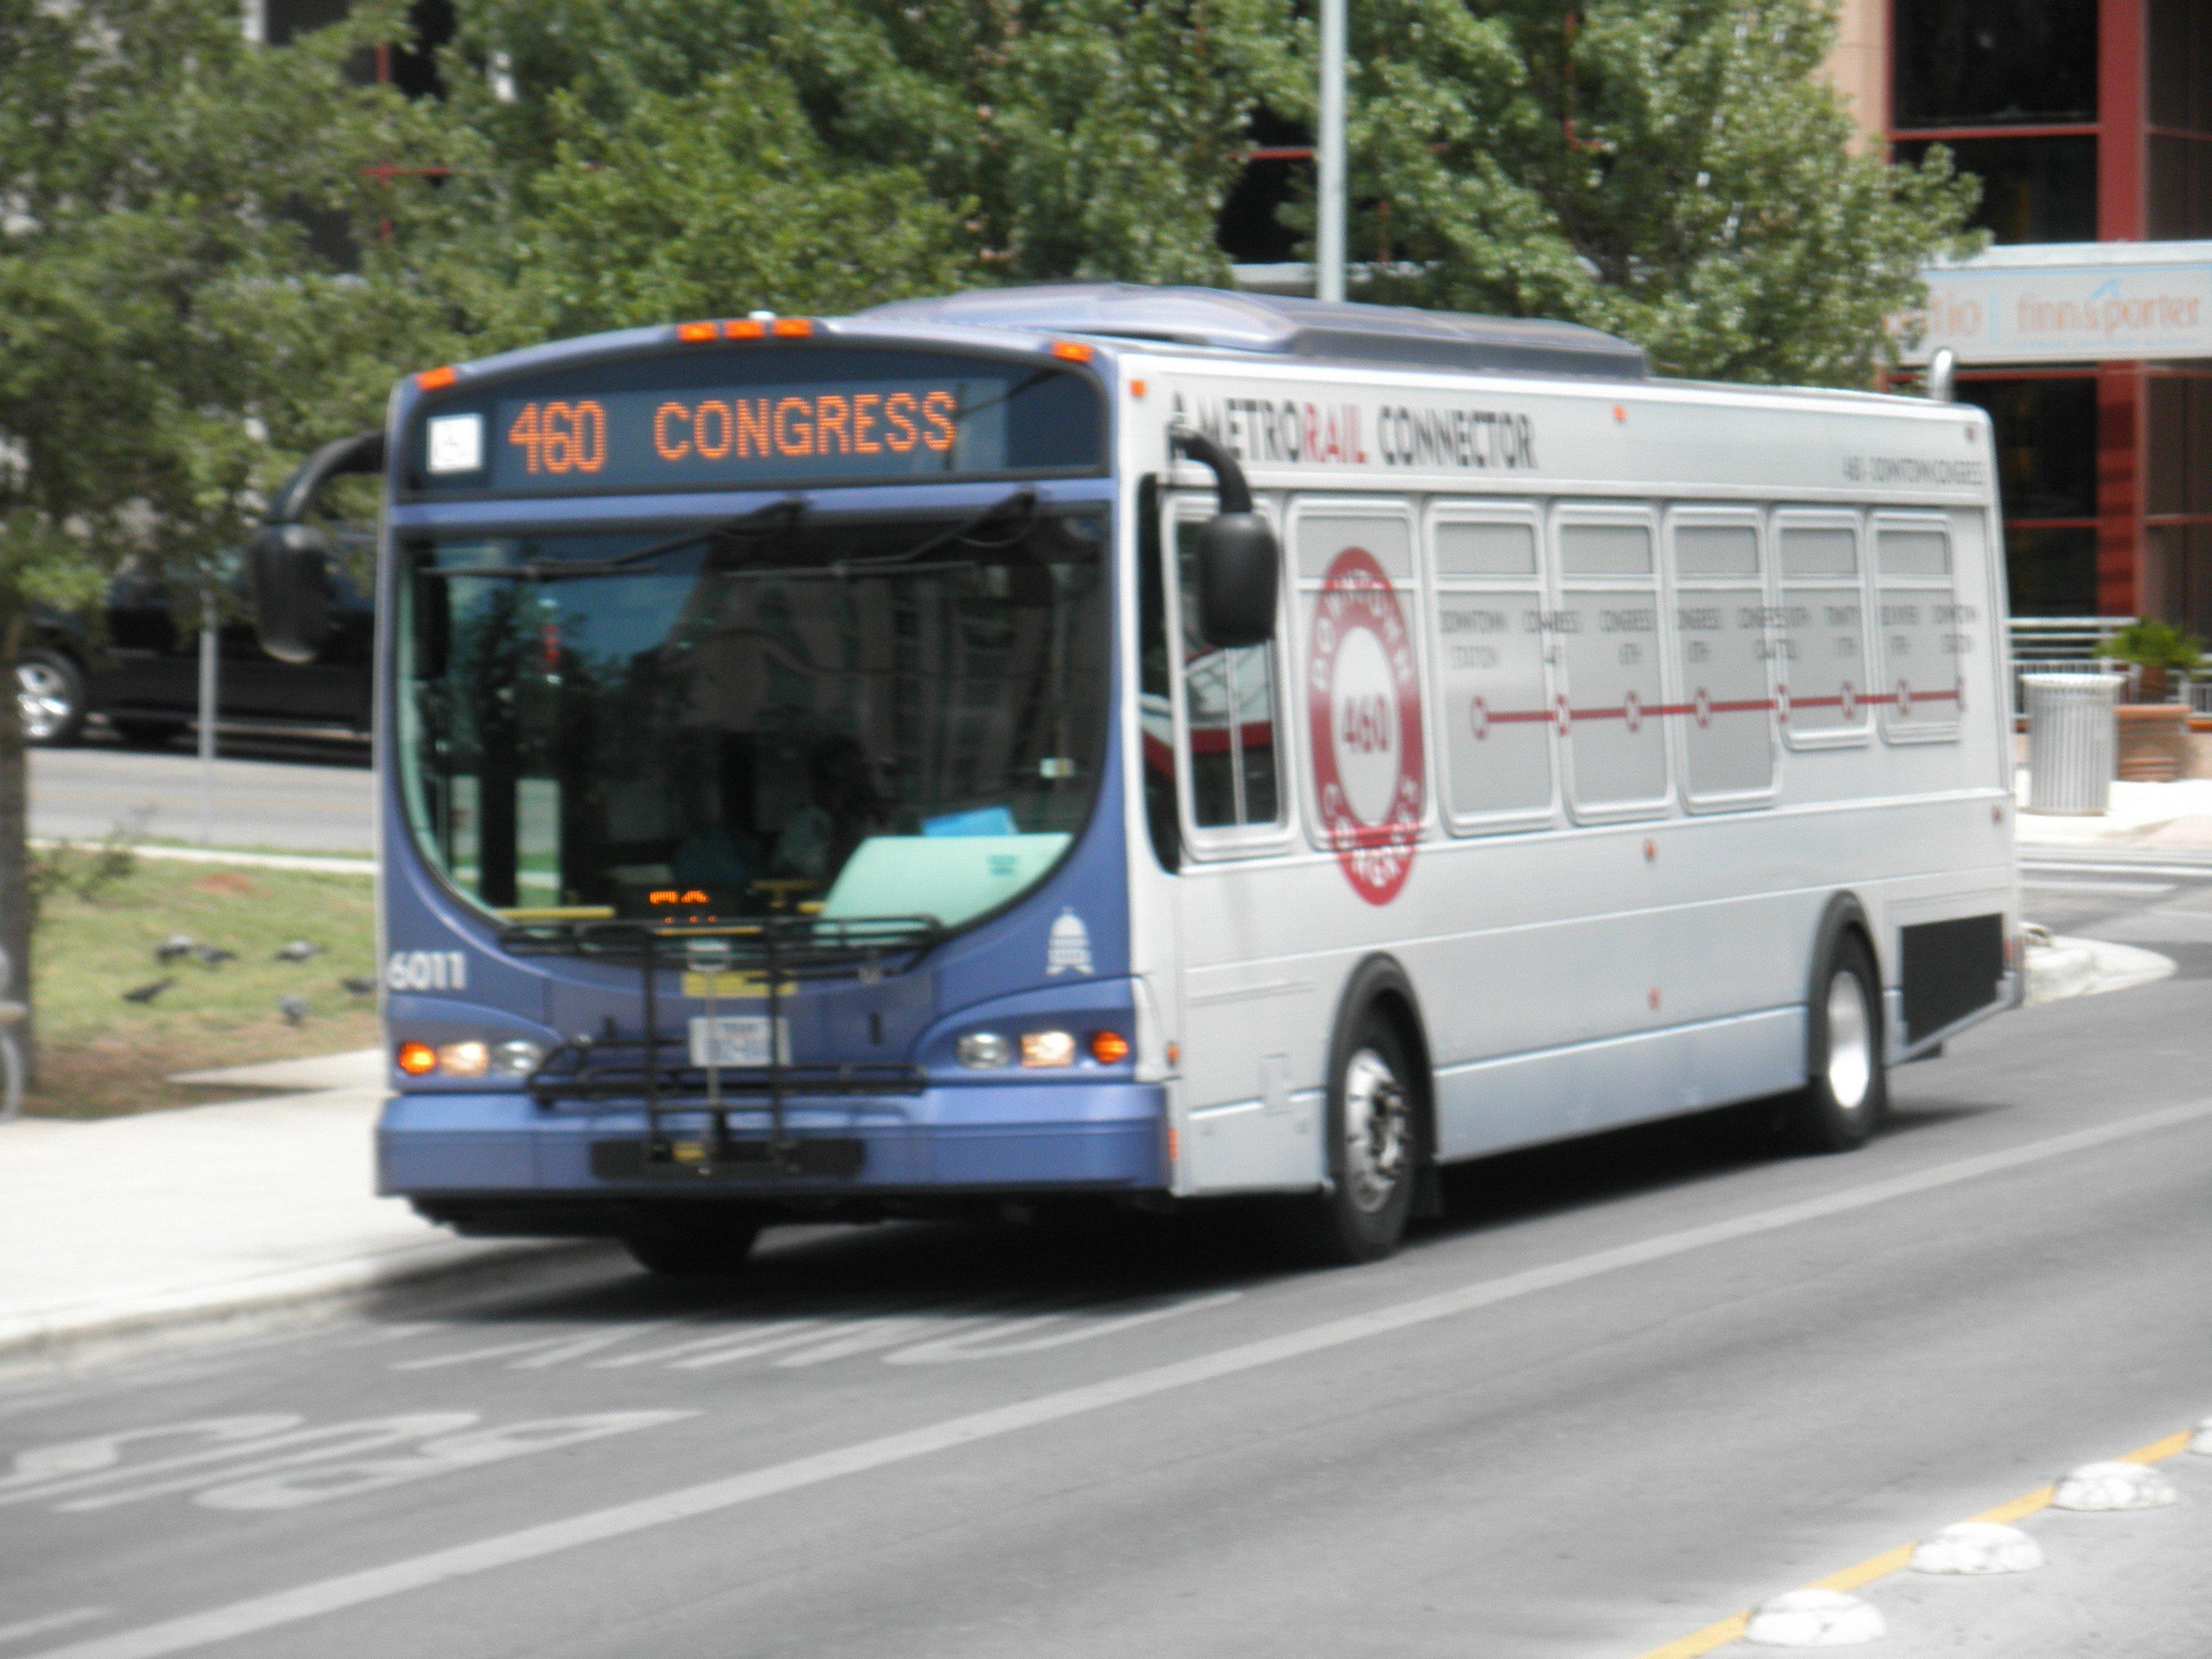 Austin (Texas) Metro bus